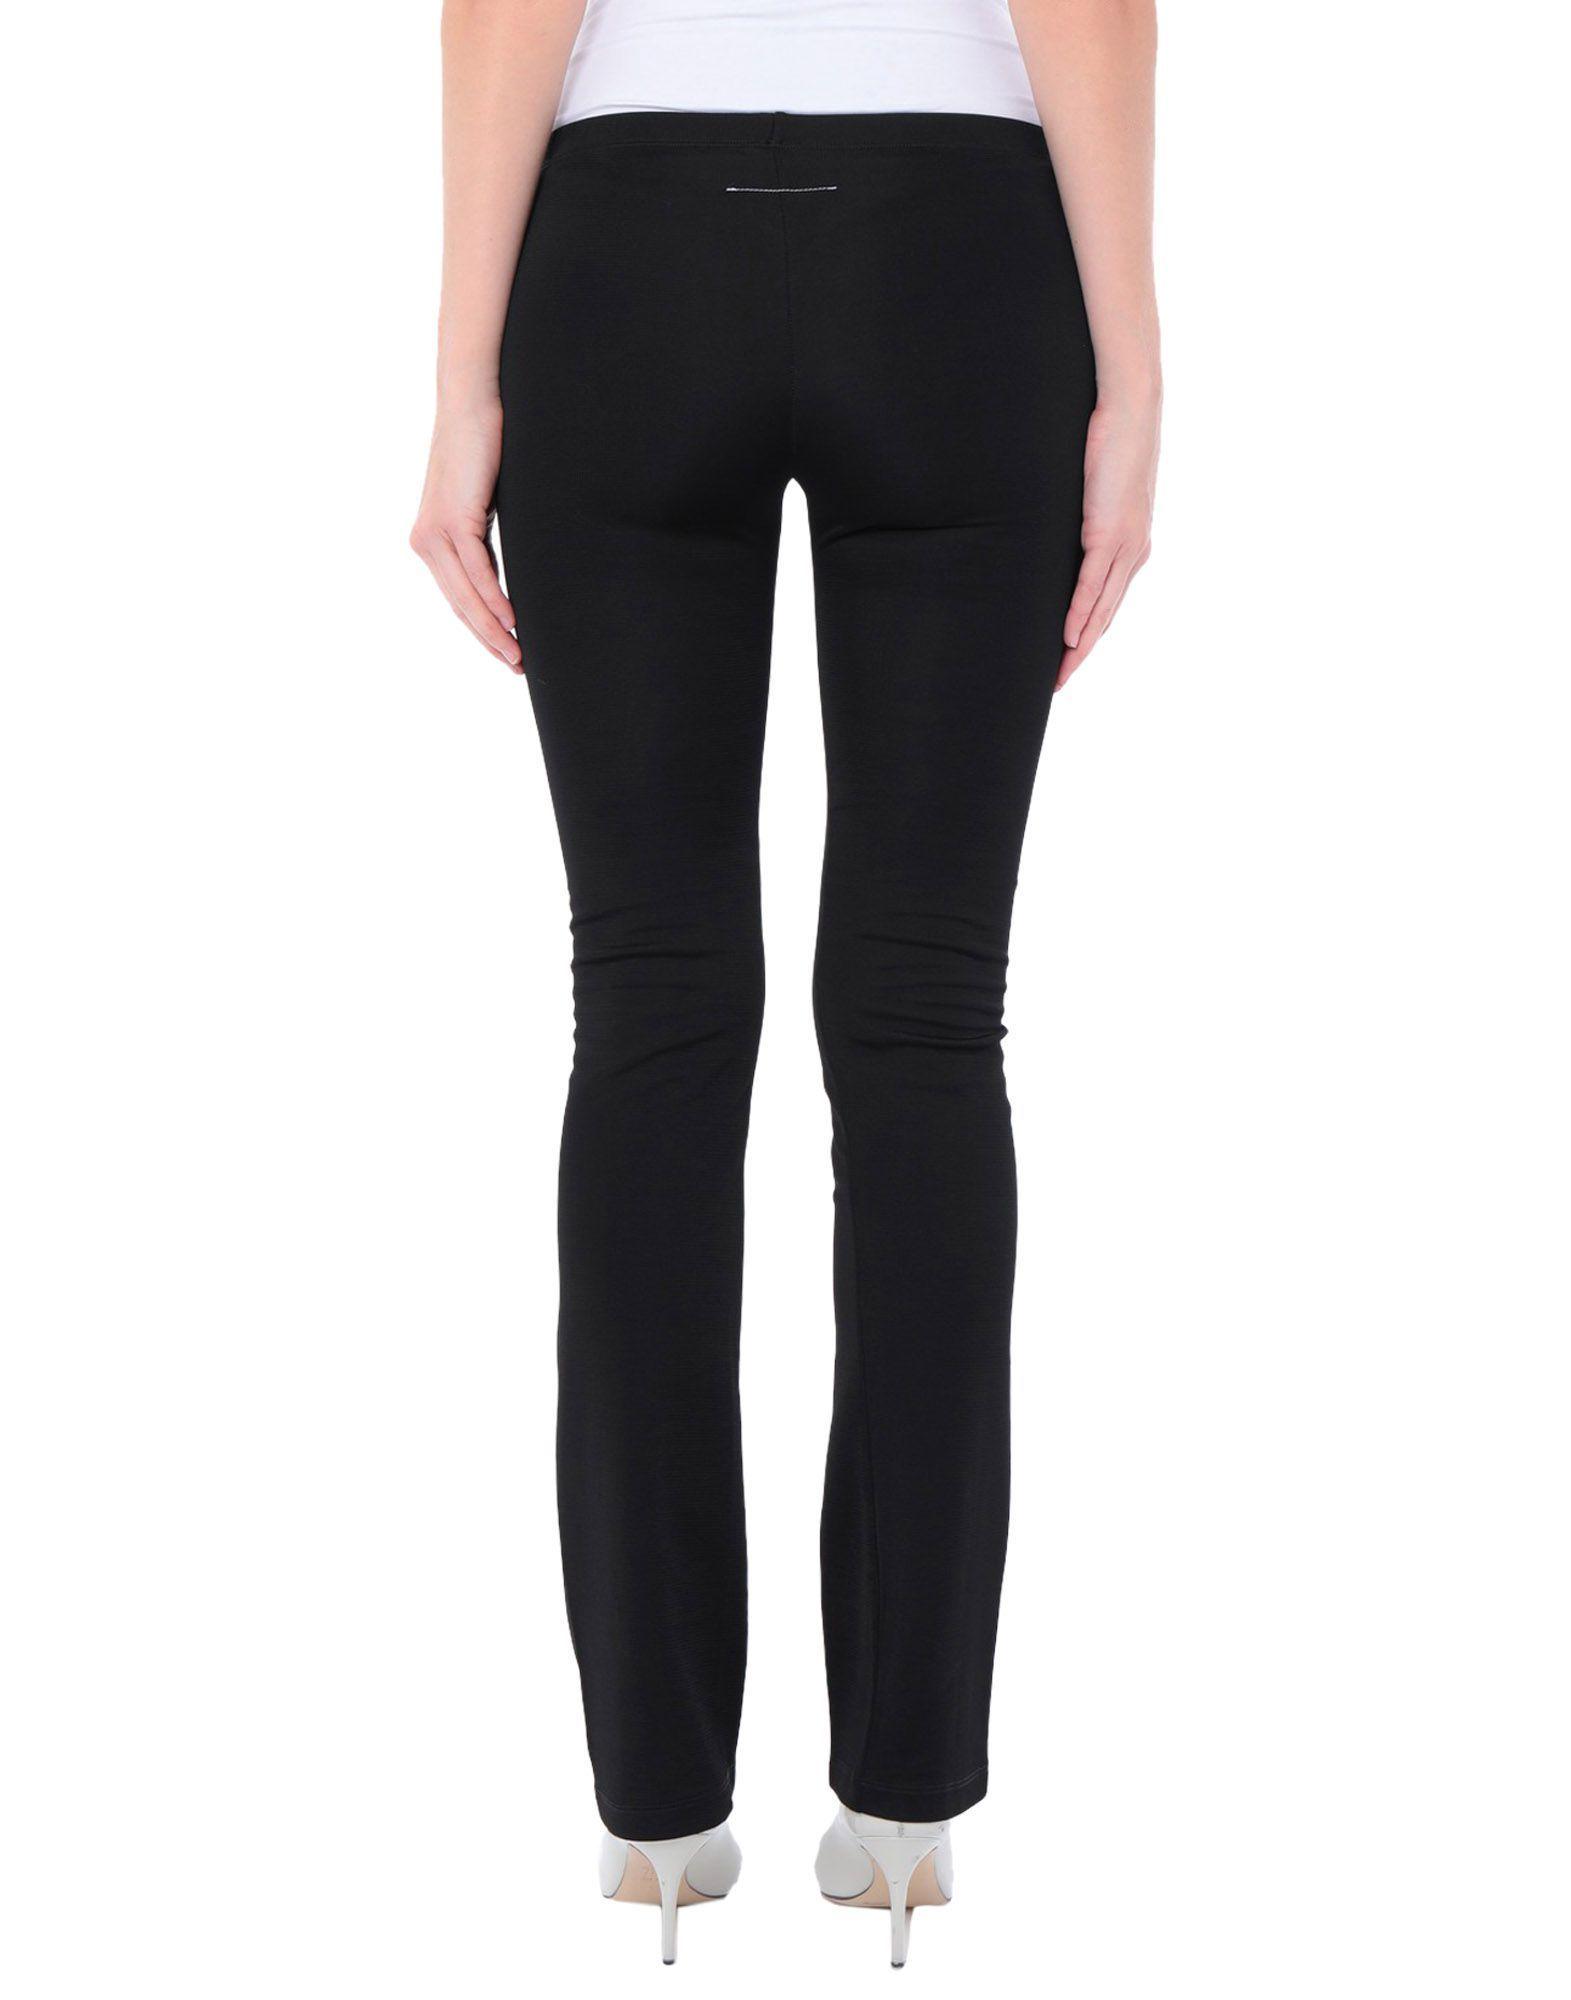 MM6 Maison Margiela Black Cotton Trousers